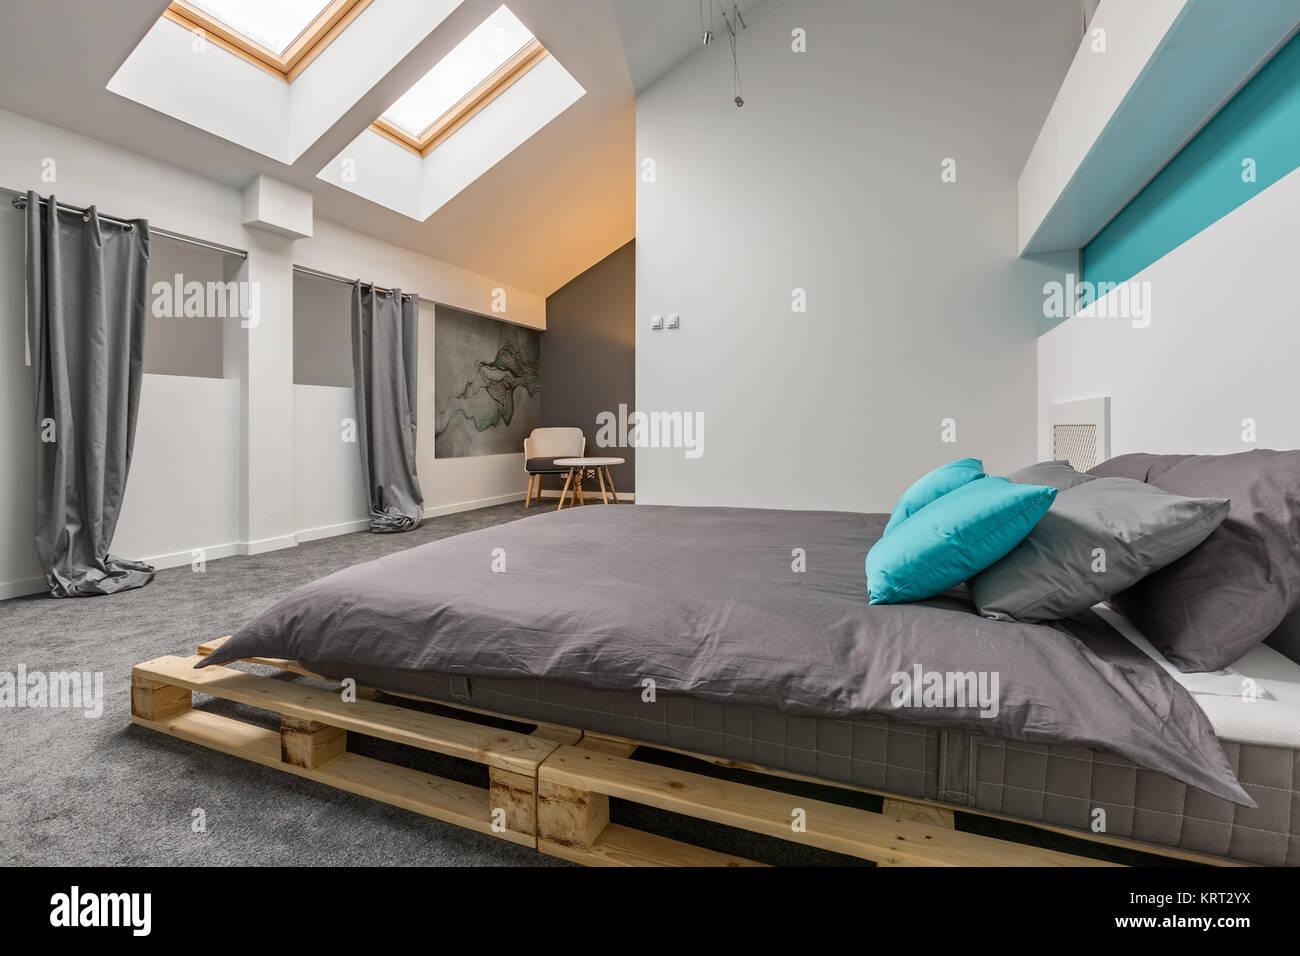 Einfache Dachgeschoss Schlafzimmer mit DIY-Palette Bett und Fenster ...